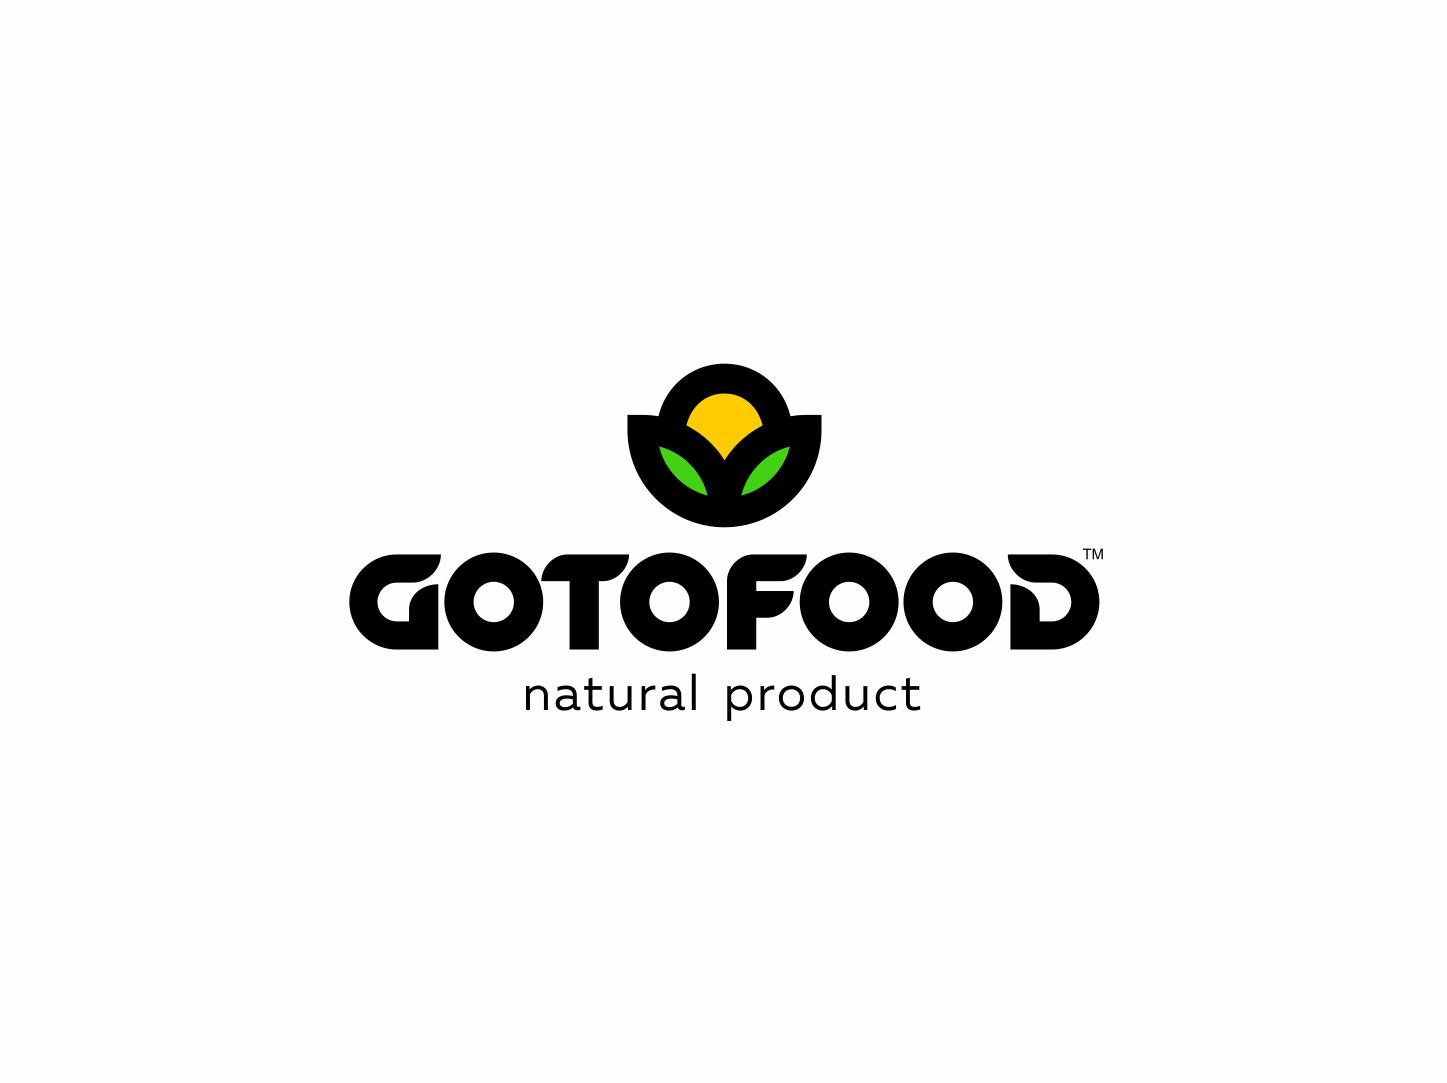 Логотип интернет-магазина здоровой еды фото f_9015cd380e327a02.png